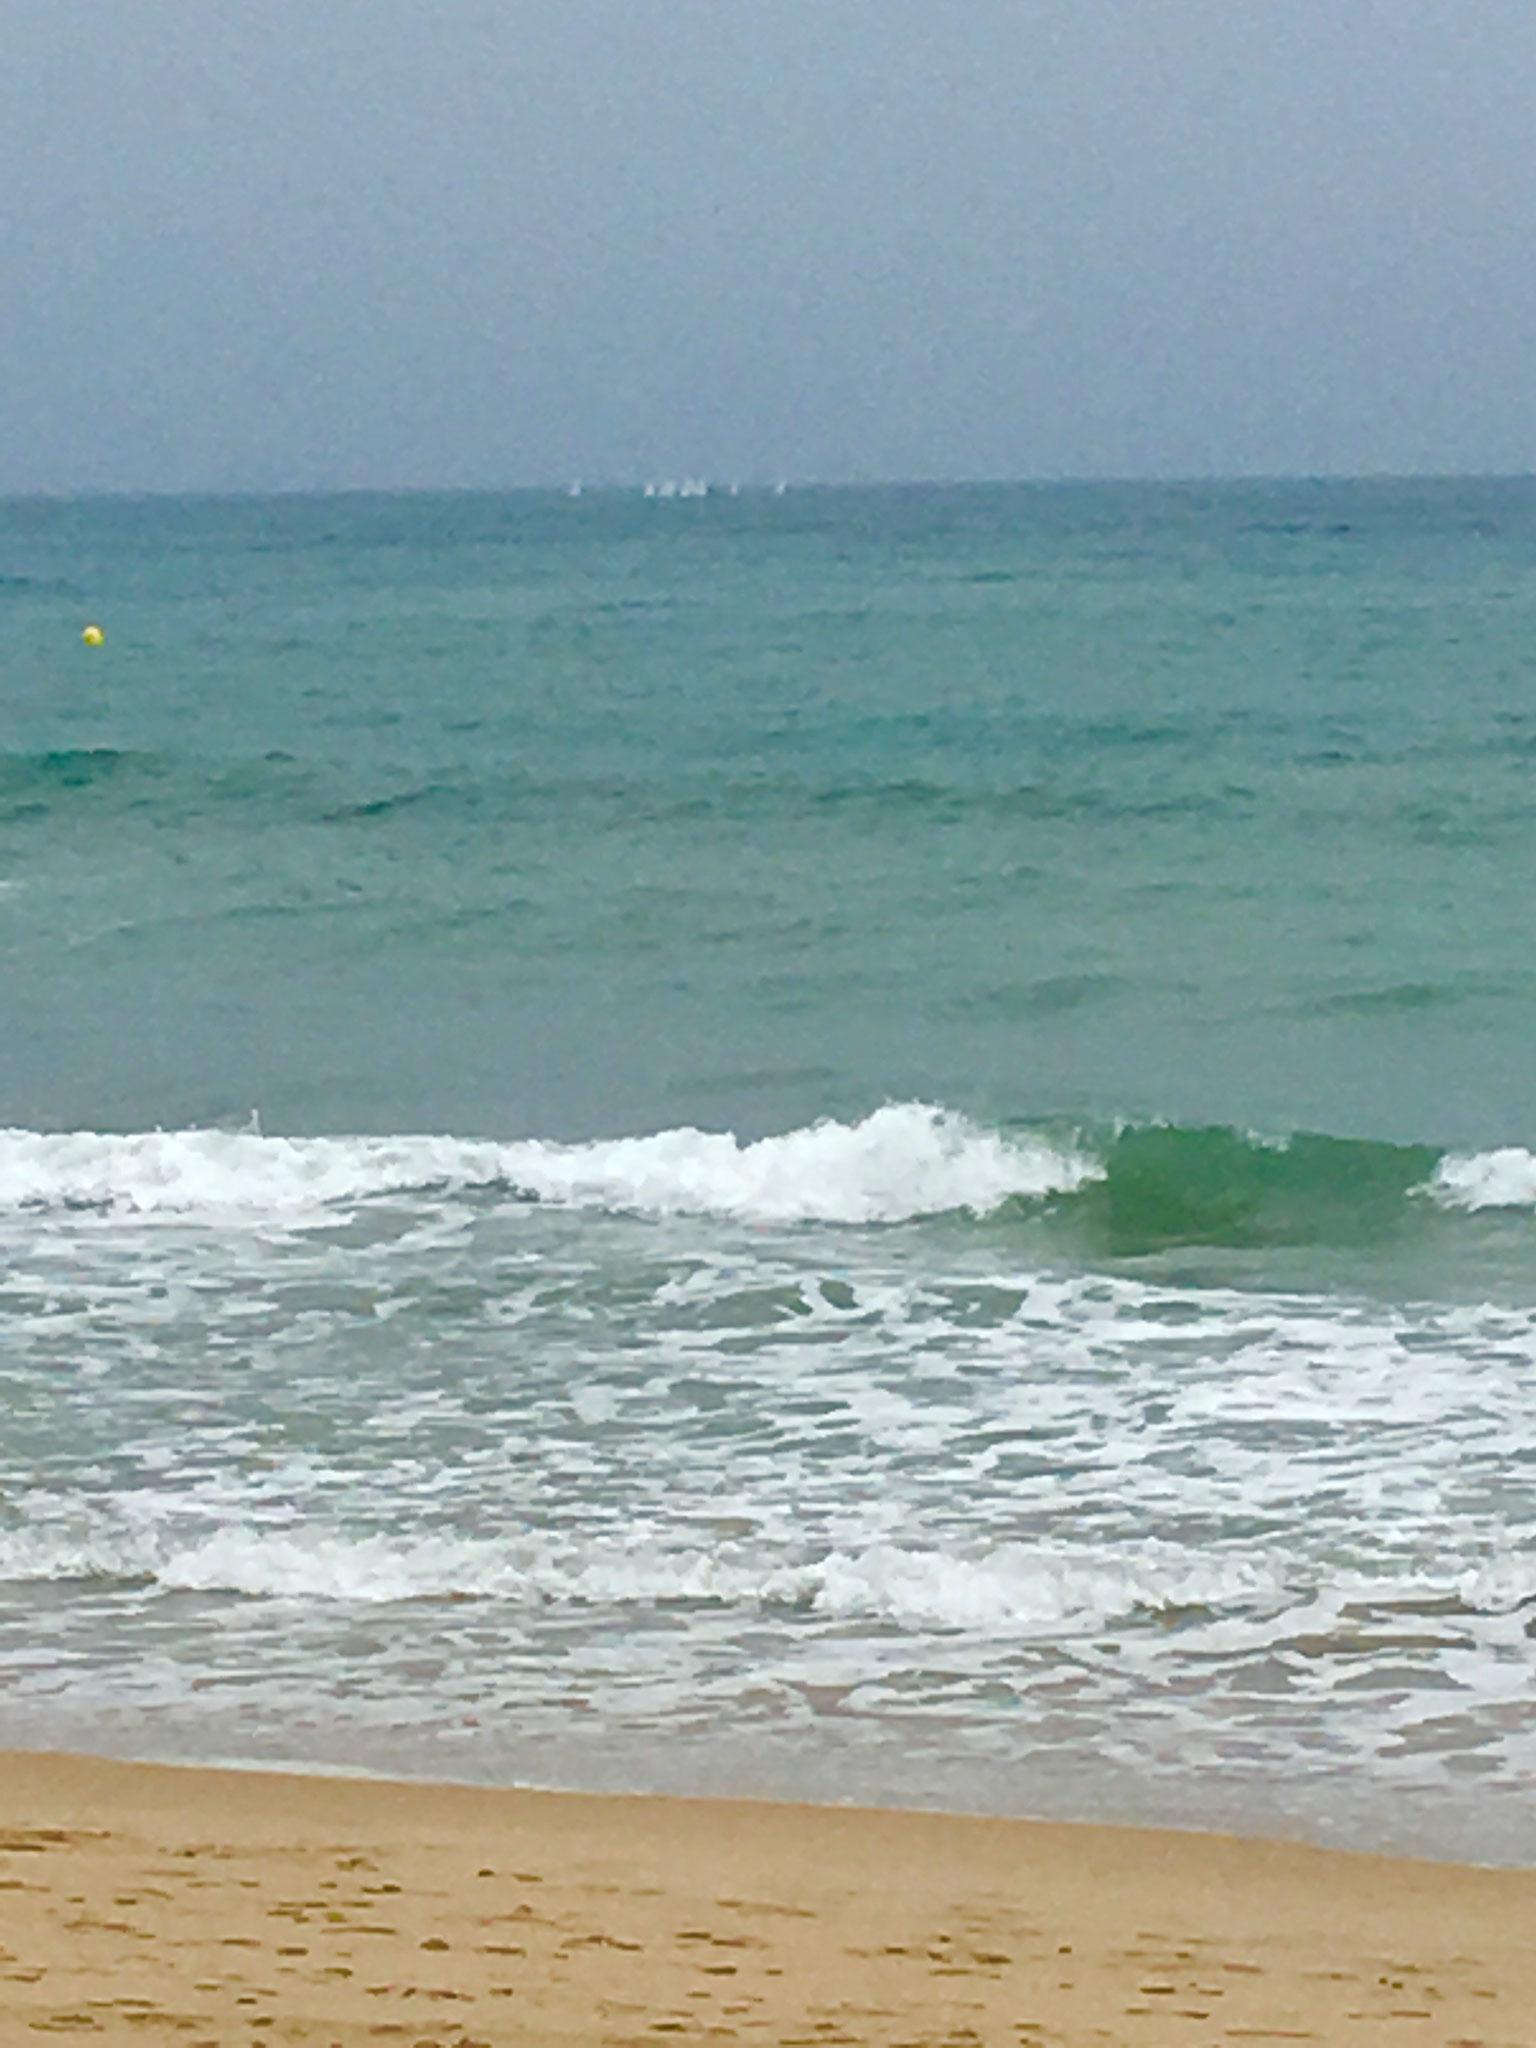 Nehmen Sie sich Zeit für die vielen fantastischen Strände. Entdecken Sie  abgeschiedene Buchten oder lebhafte, große Strände!